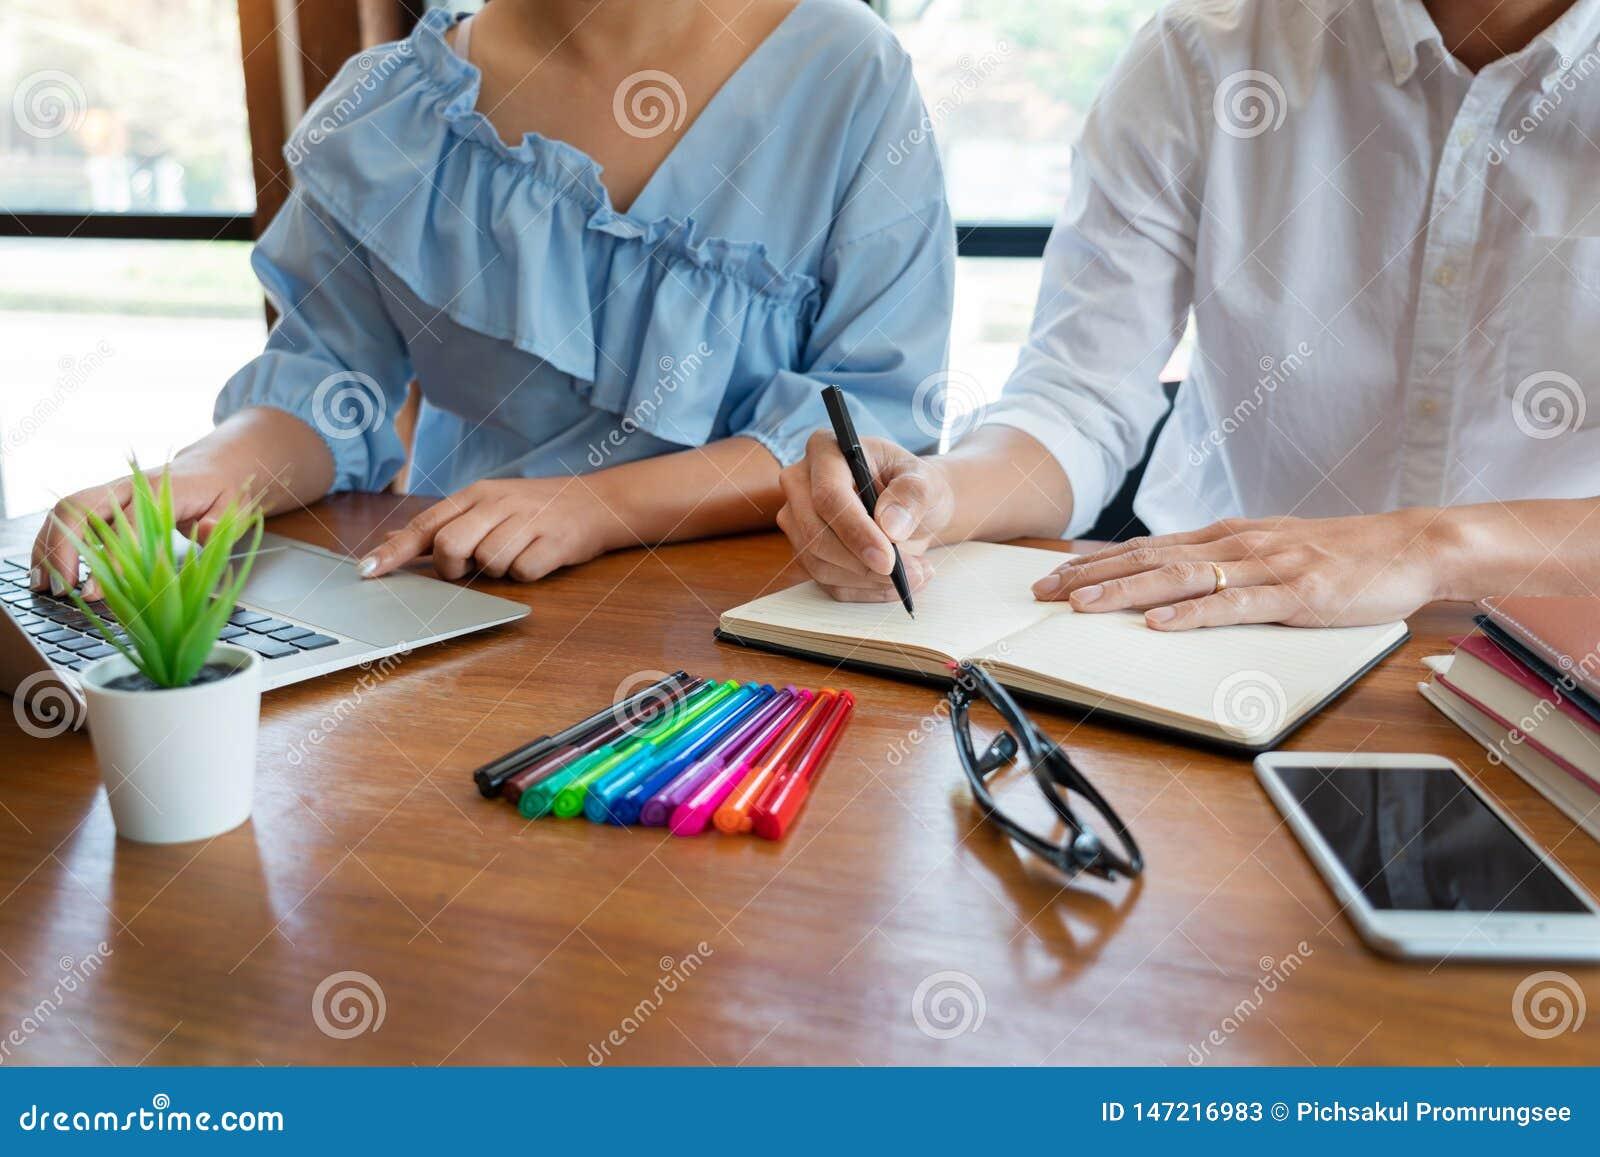 εκπαίδευση και σχολική έννοια, πανεπιστημιούπολη σπουδαστών ή συμμαθητές που μαθαίνουν τον προφθάνοντας φίλο παράδοσης ιδιαίτερων